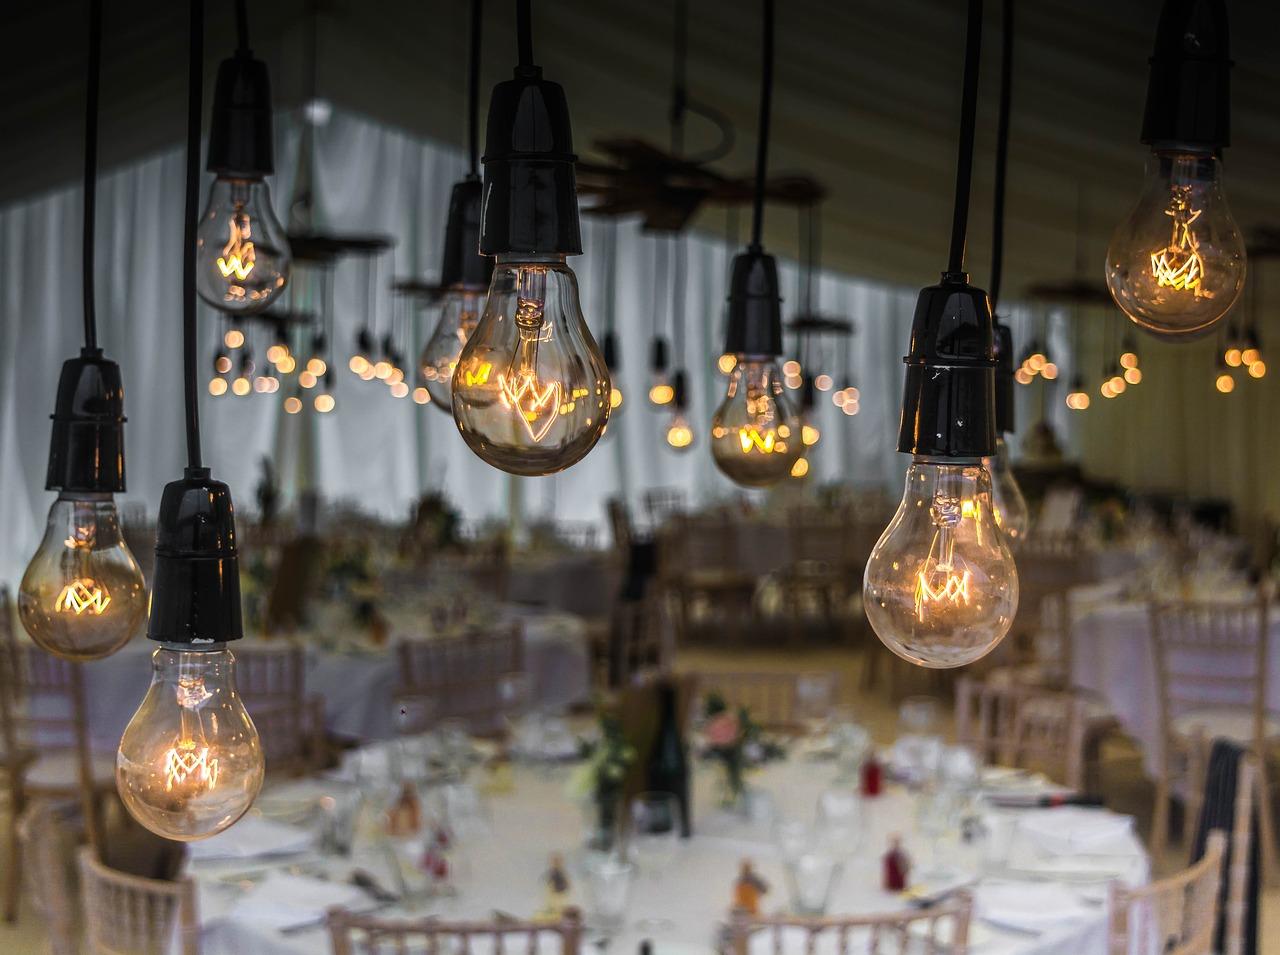 Gelb glühende Glühbirnen hängen von der Decke in einem Saal mit festlich geschmückten Tischen für eine Hochzeit